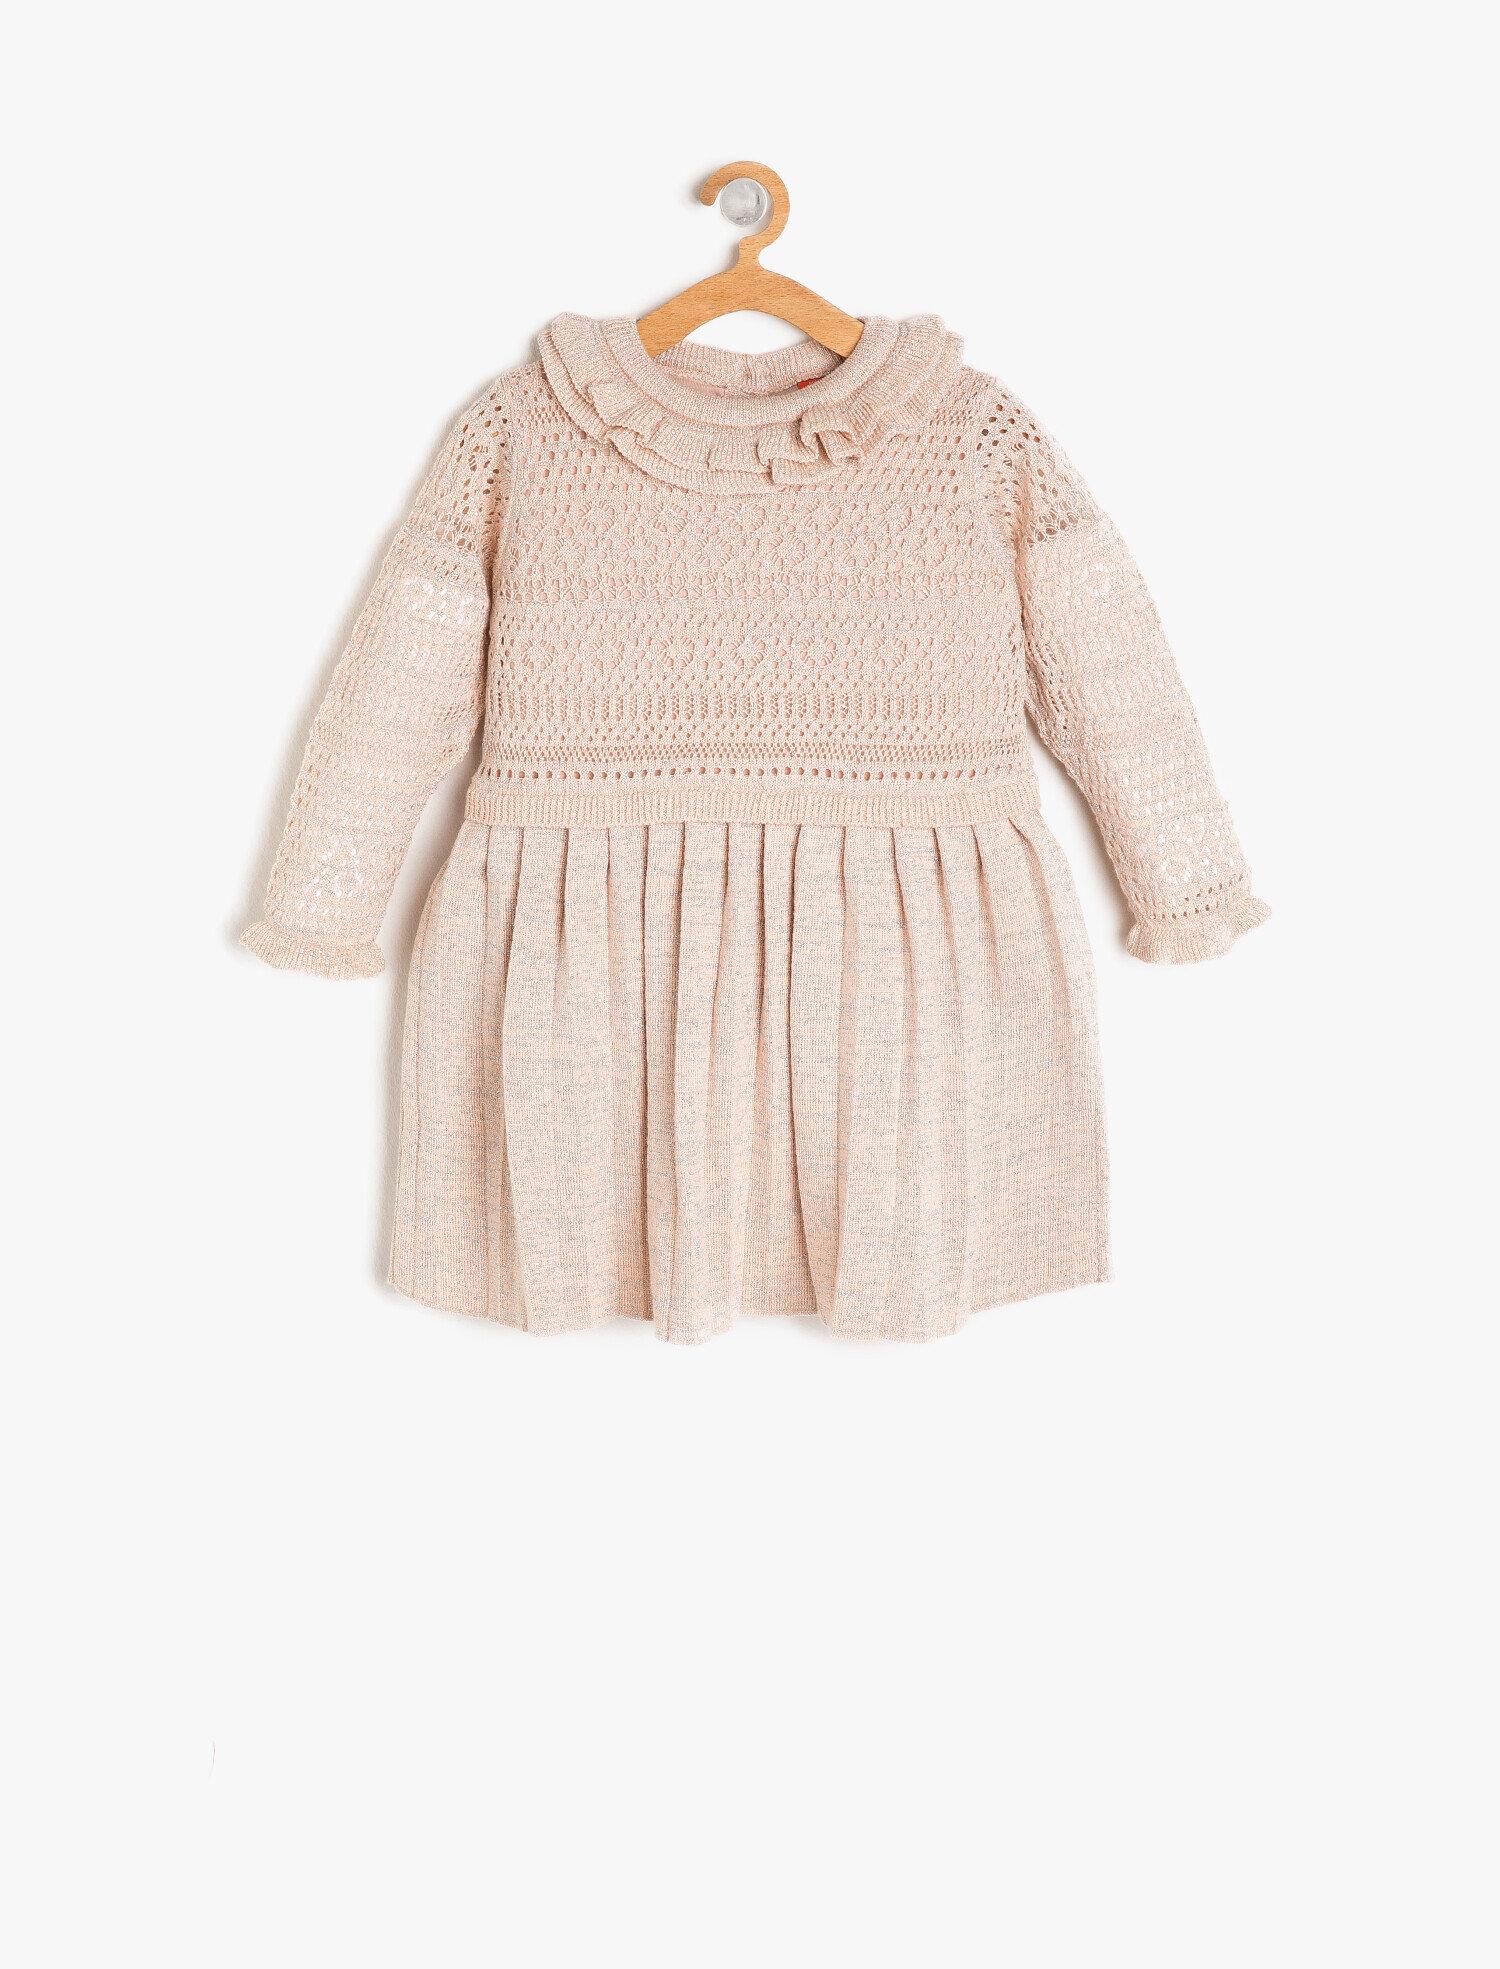 Koton Kız Çocuk Firfir Detayli Elbise Pembe Ürün Resmi